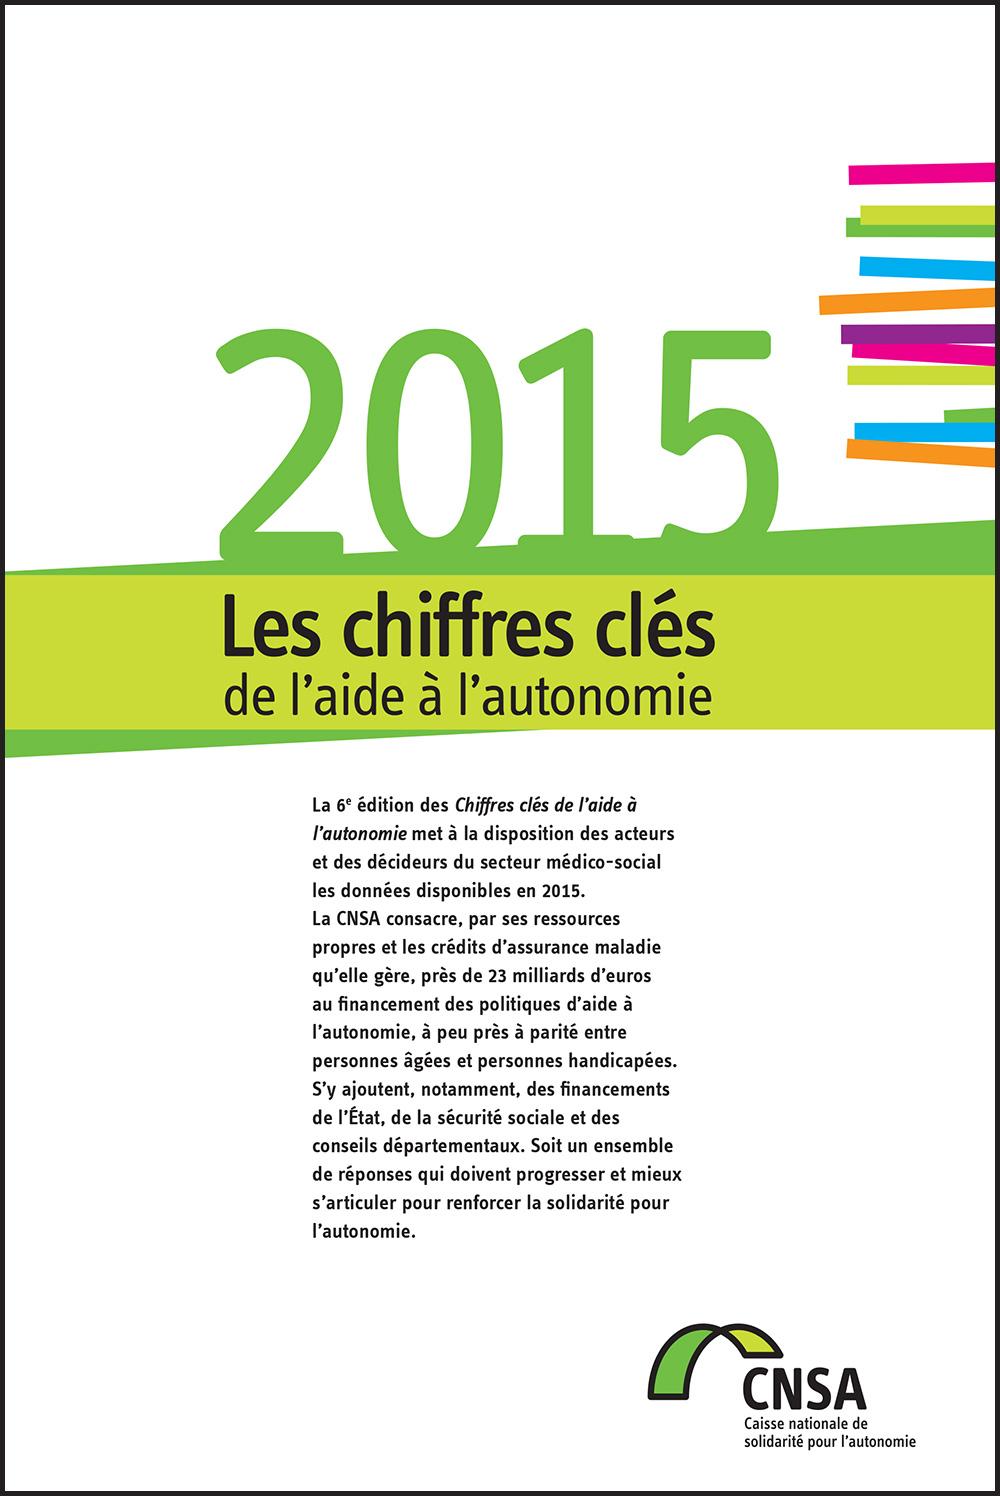 Les chiffres clés de l'aide à l'autonomie 2015 (PDF, 2.67 Mo)